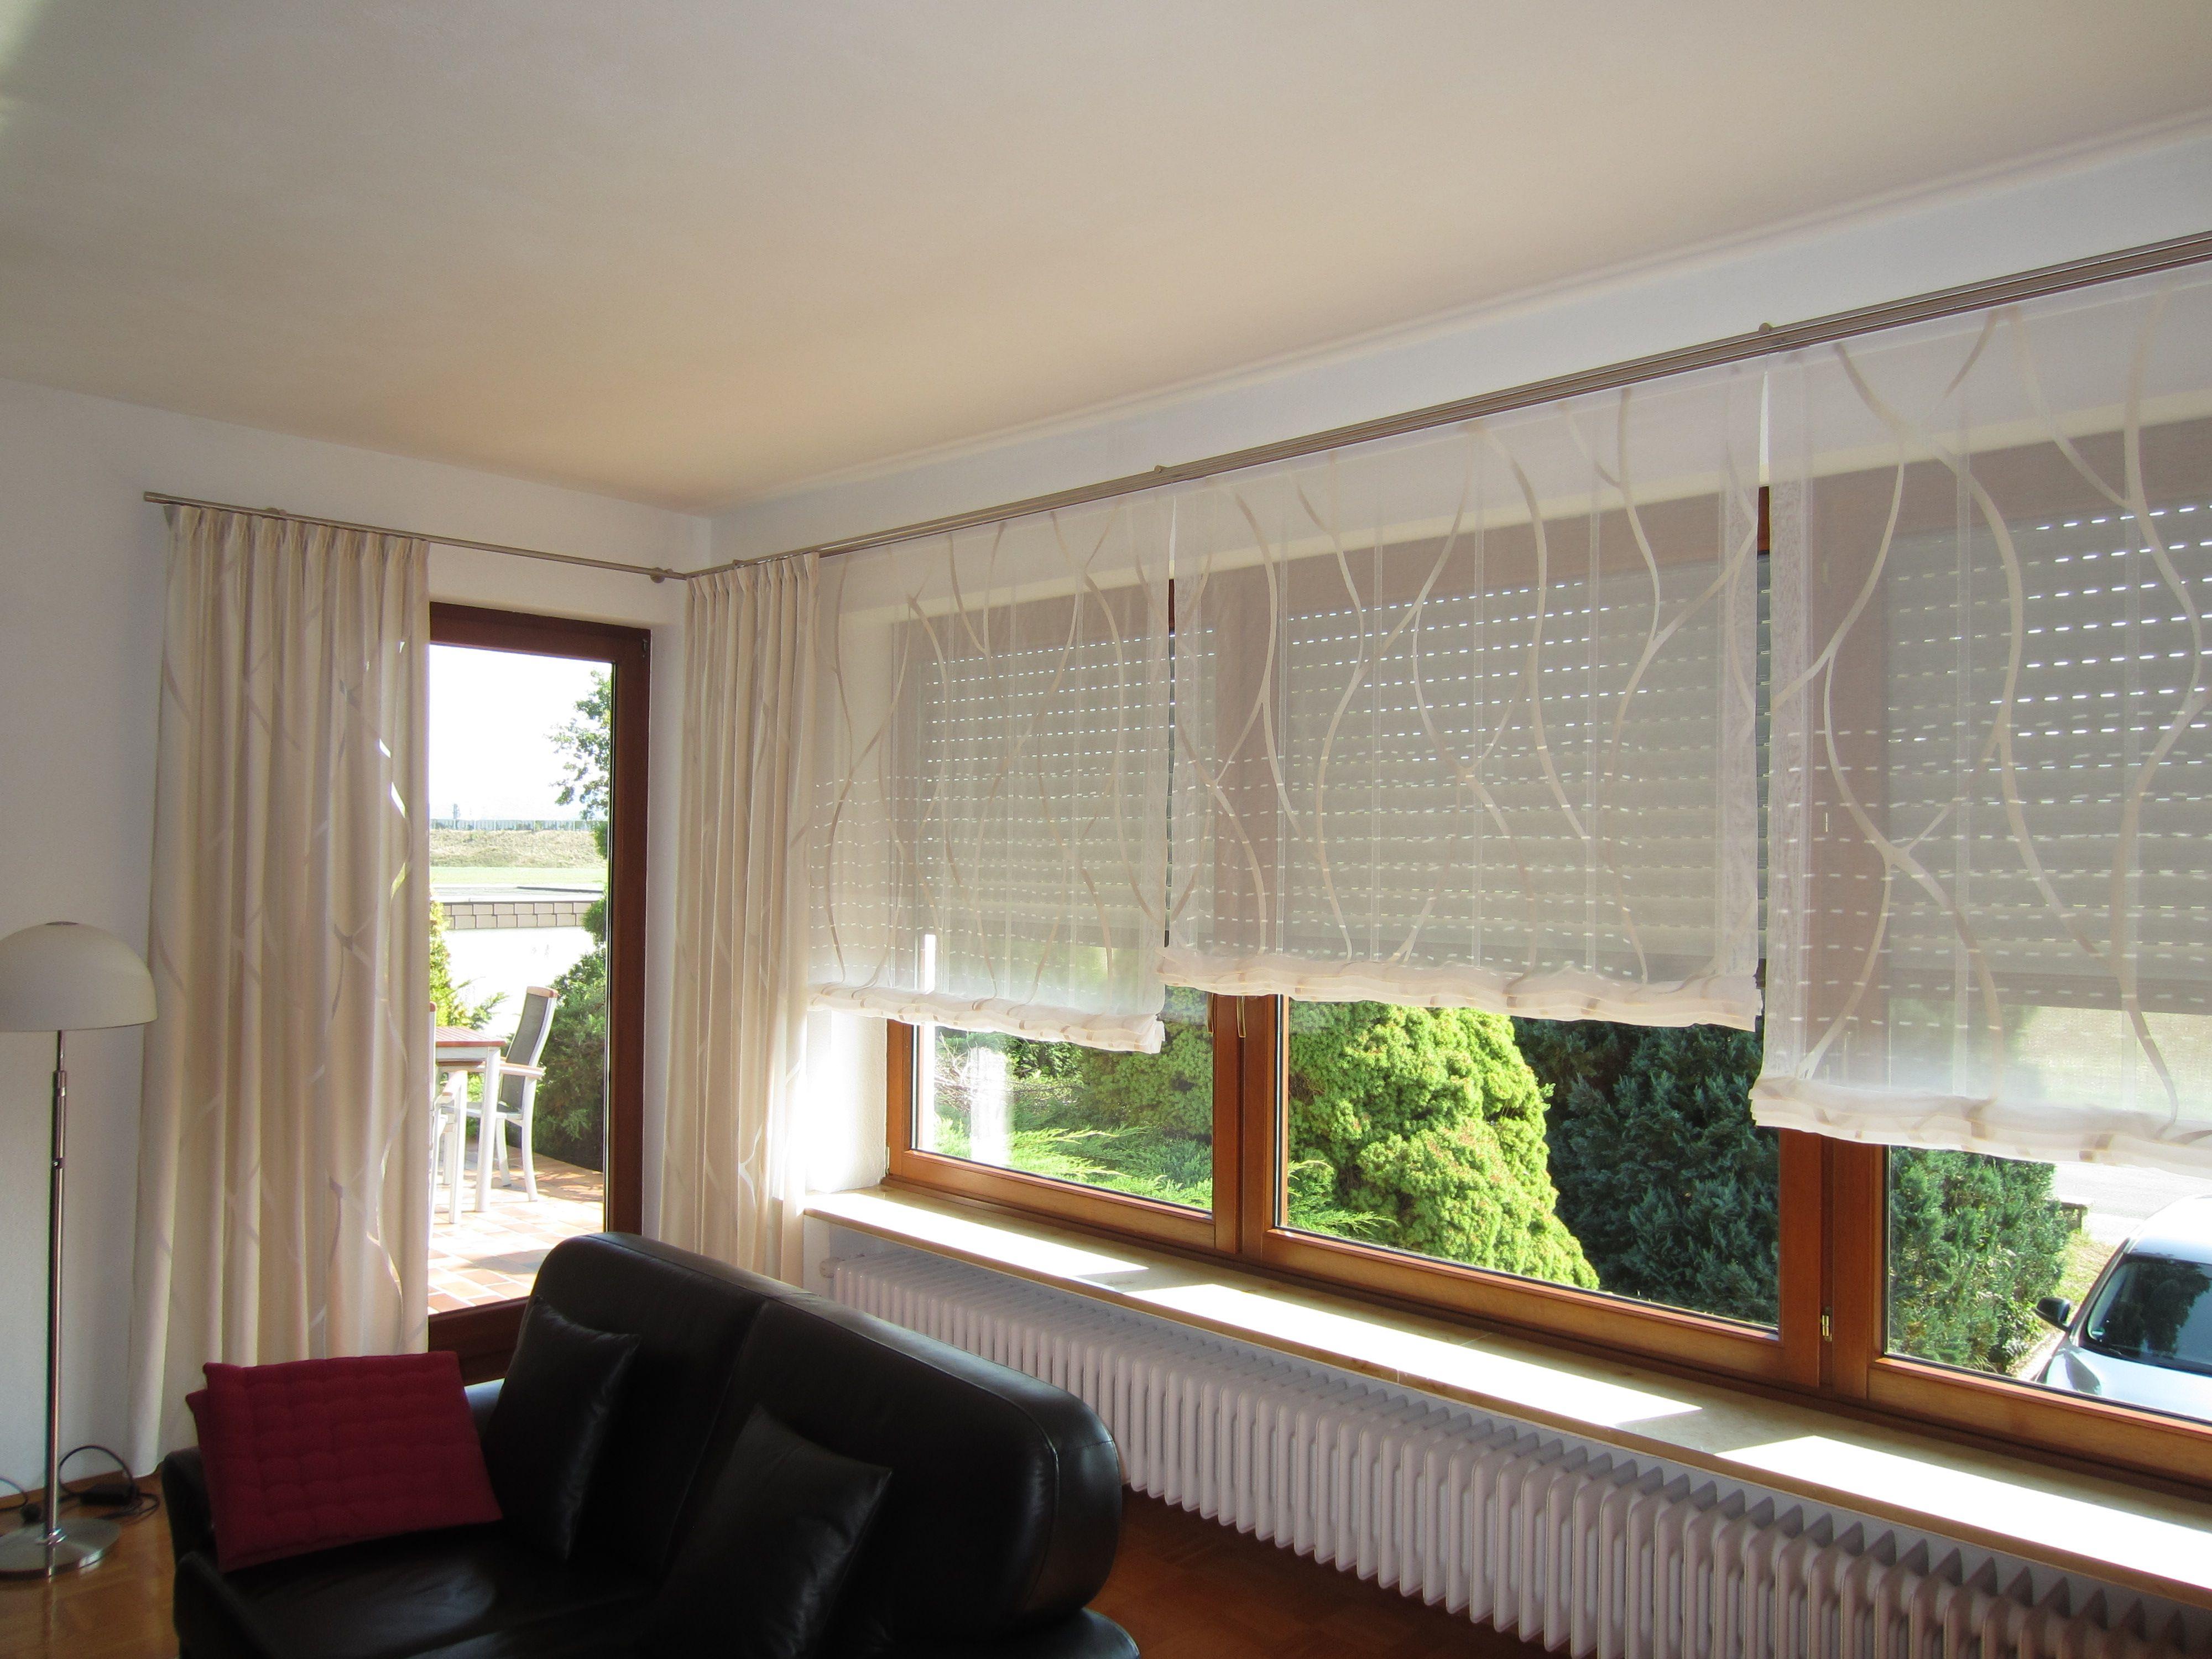 Gardinen Vorhänge Für Die Kreise Lichtenfels Kulmbach Kronach Vorhänge Wohnzimmer Gardinen Wohnzimmer Schöner Wohnen Gardinen